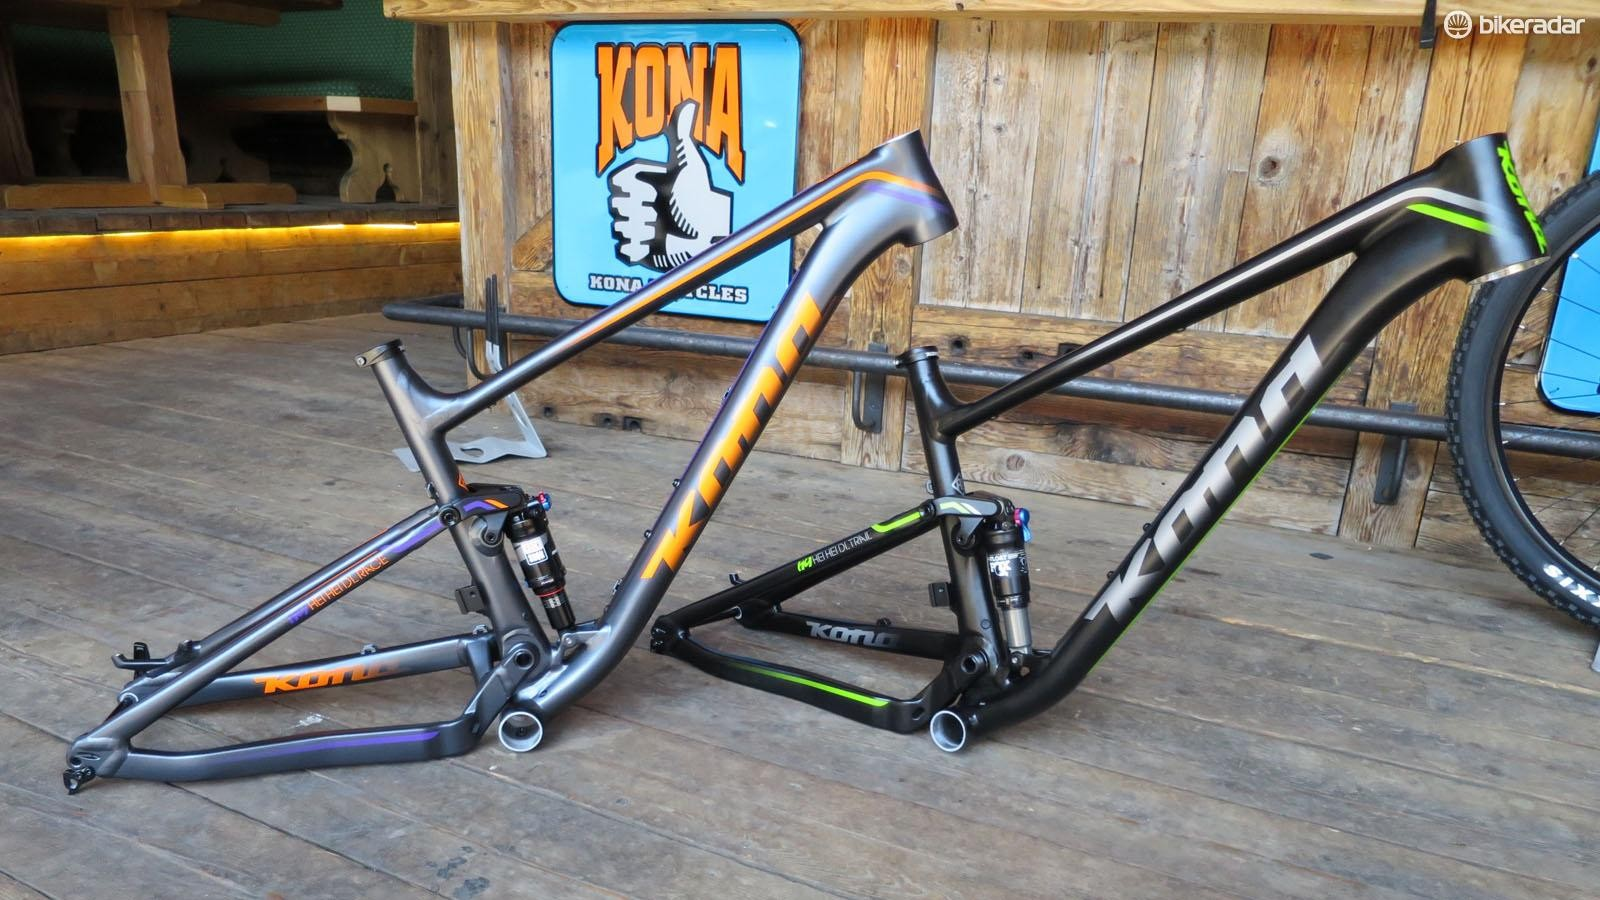 Kona's new Hei Hei frames